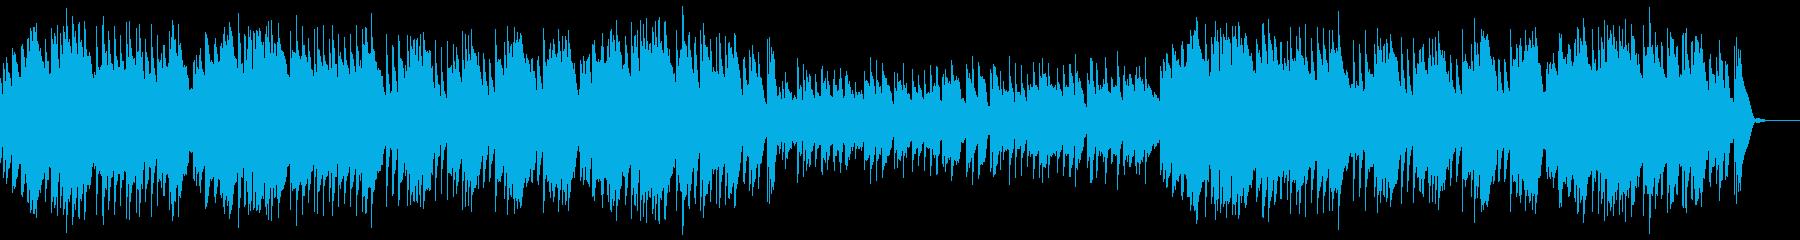 オルゴールによるトルコ行進曲の再生済みの波形